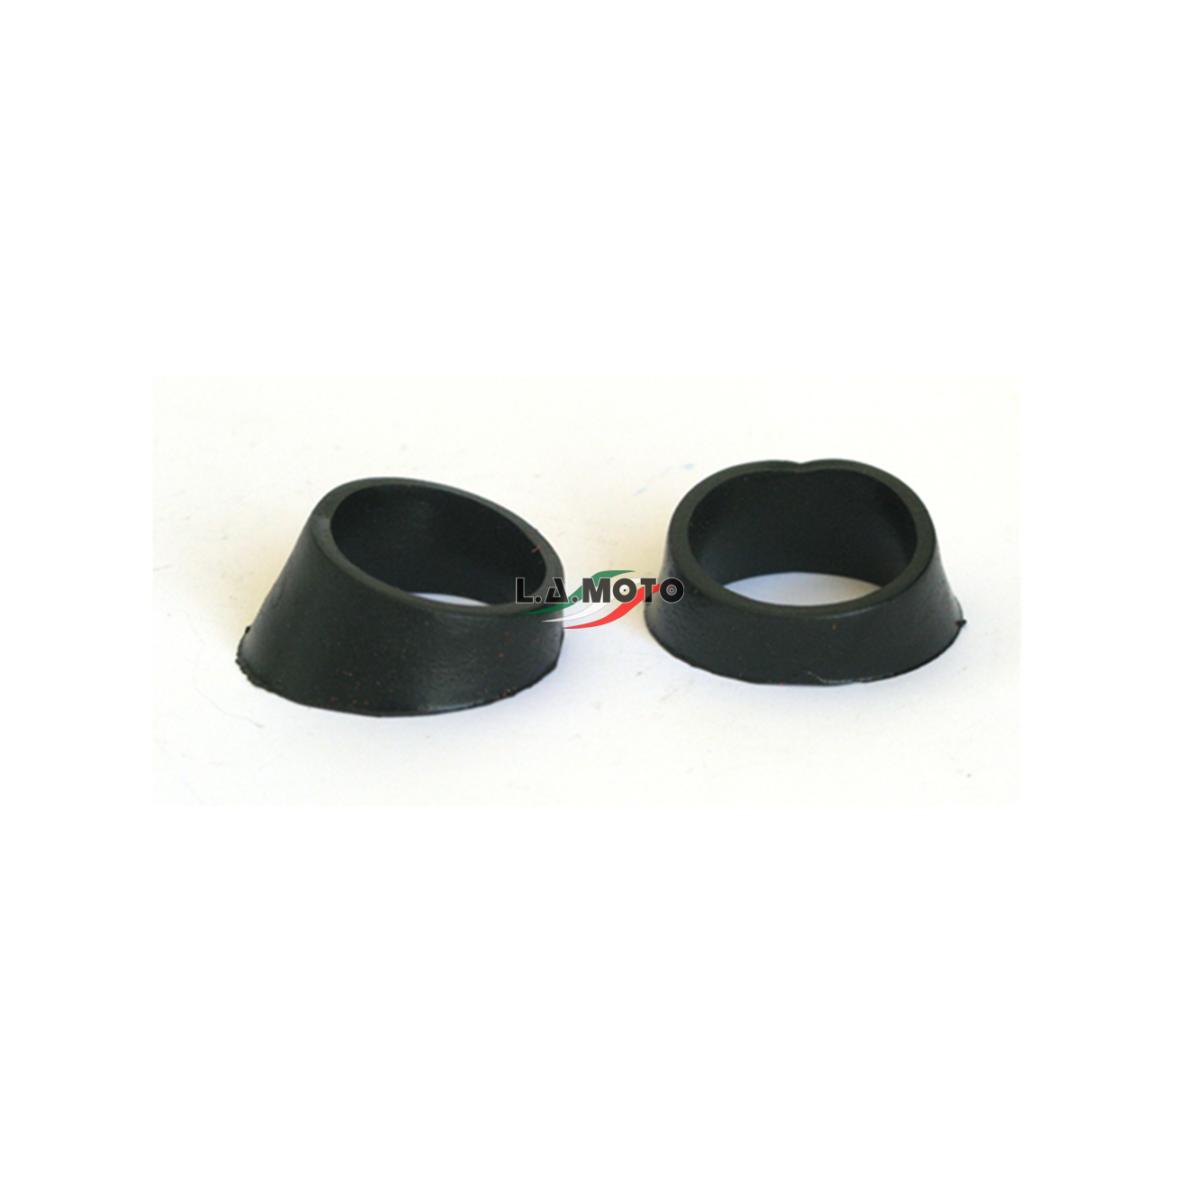 Gommino guarnizioni bloccasterzo per vespa 50 80  125 150 200 cc